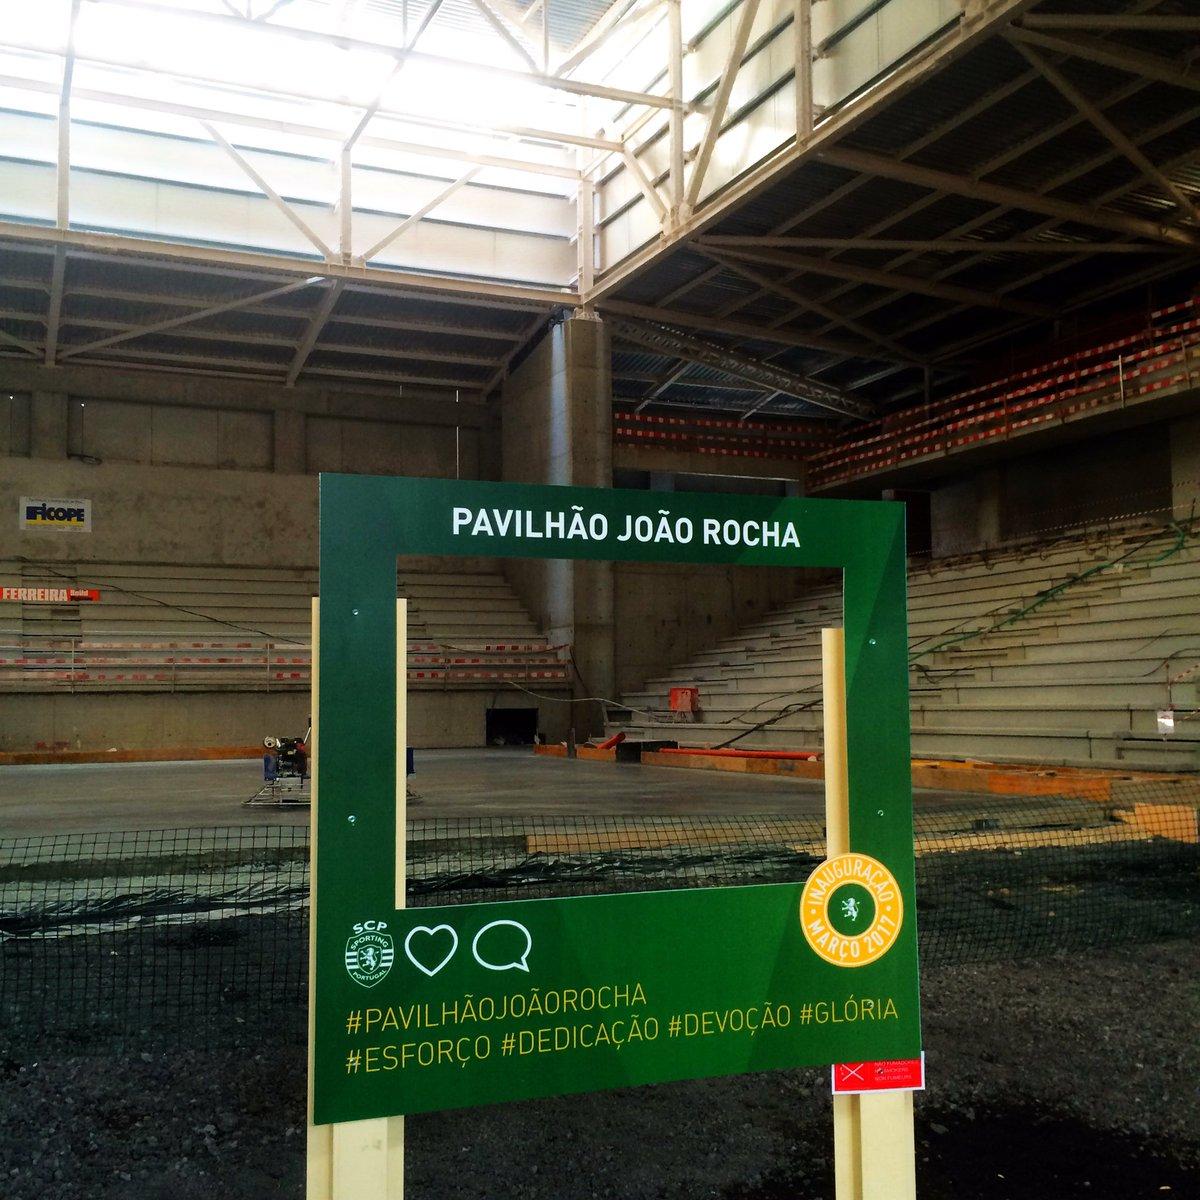 Um Pavilhão digno do seu nome. Para visitar hoje em Open Day até às 16.30 horas. Parabéns @Sporting_CP É lindo! https://t.co/XY04aIgWX3